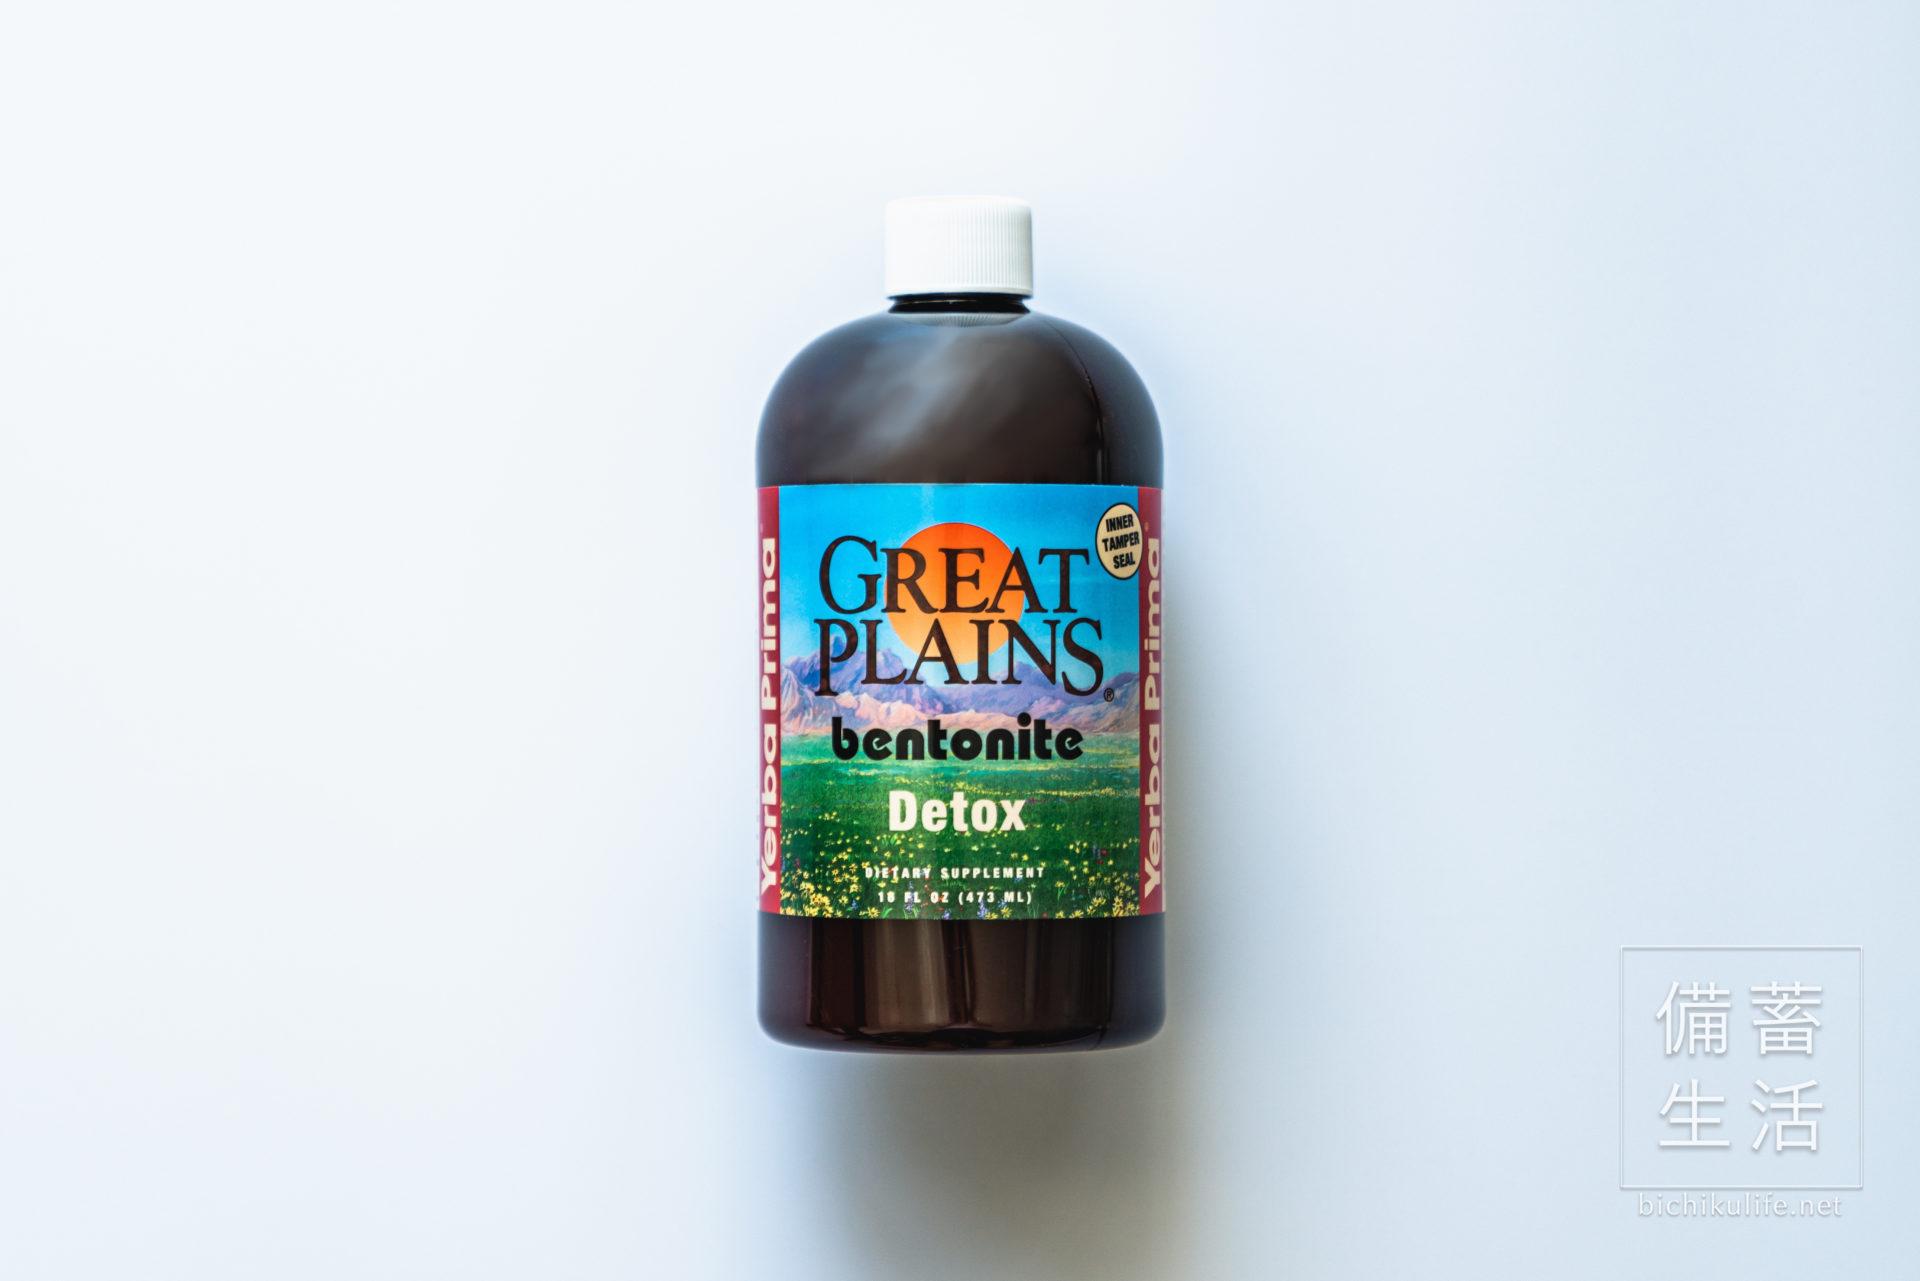 グレートプレーンズ ベントナイト デトックスクレイGreat Plains bentonite Detox